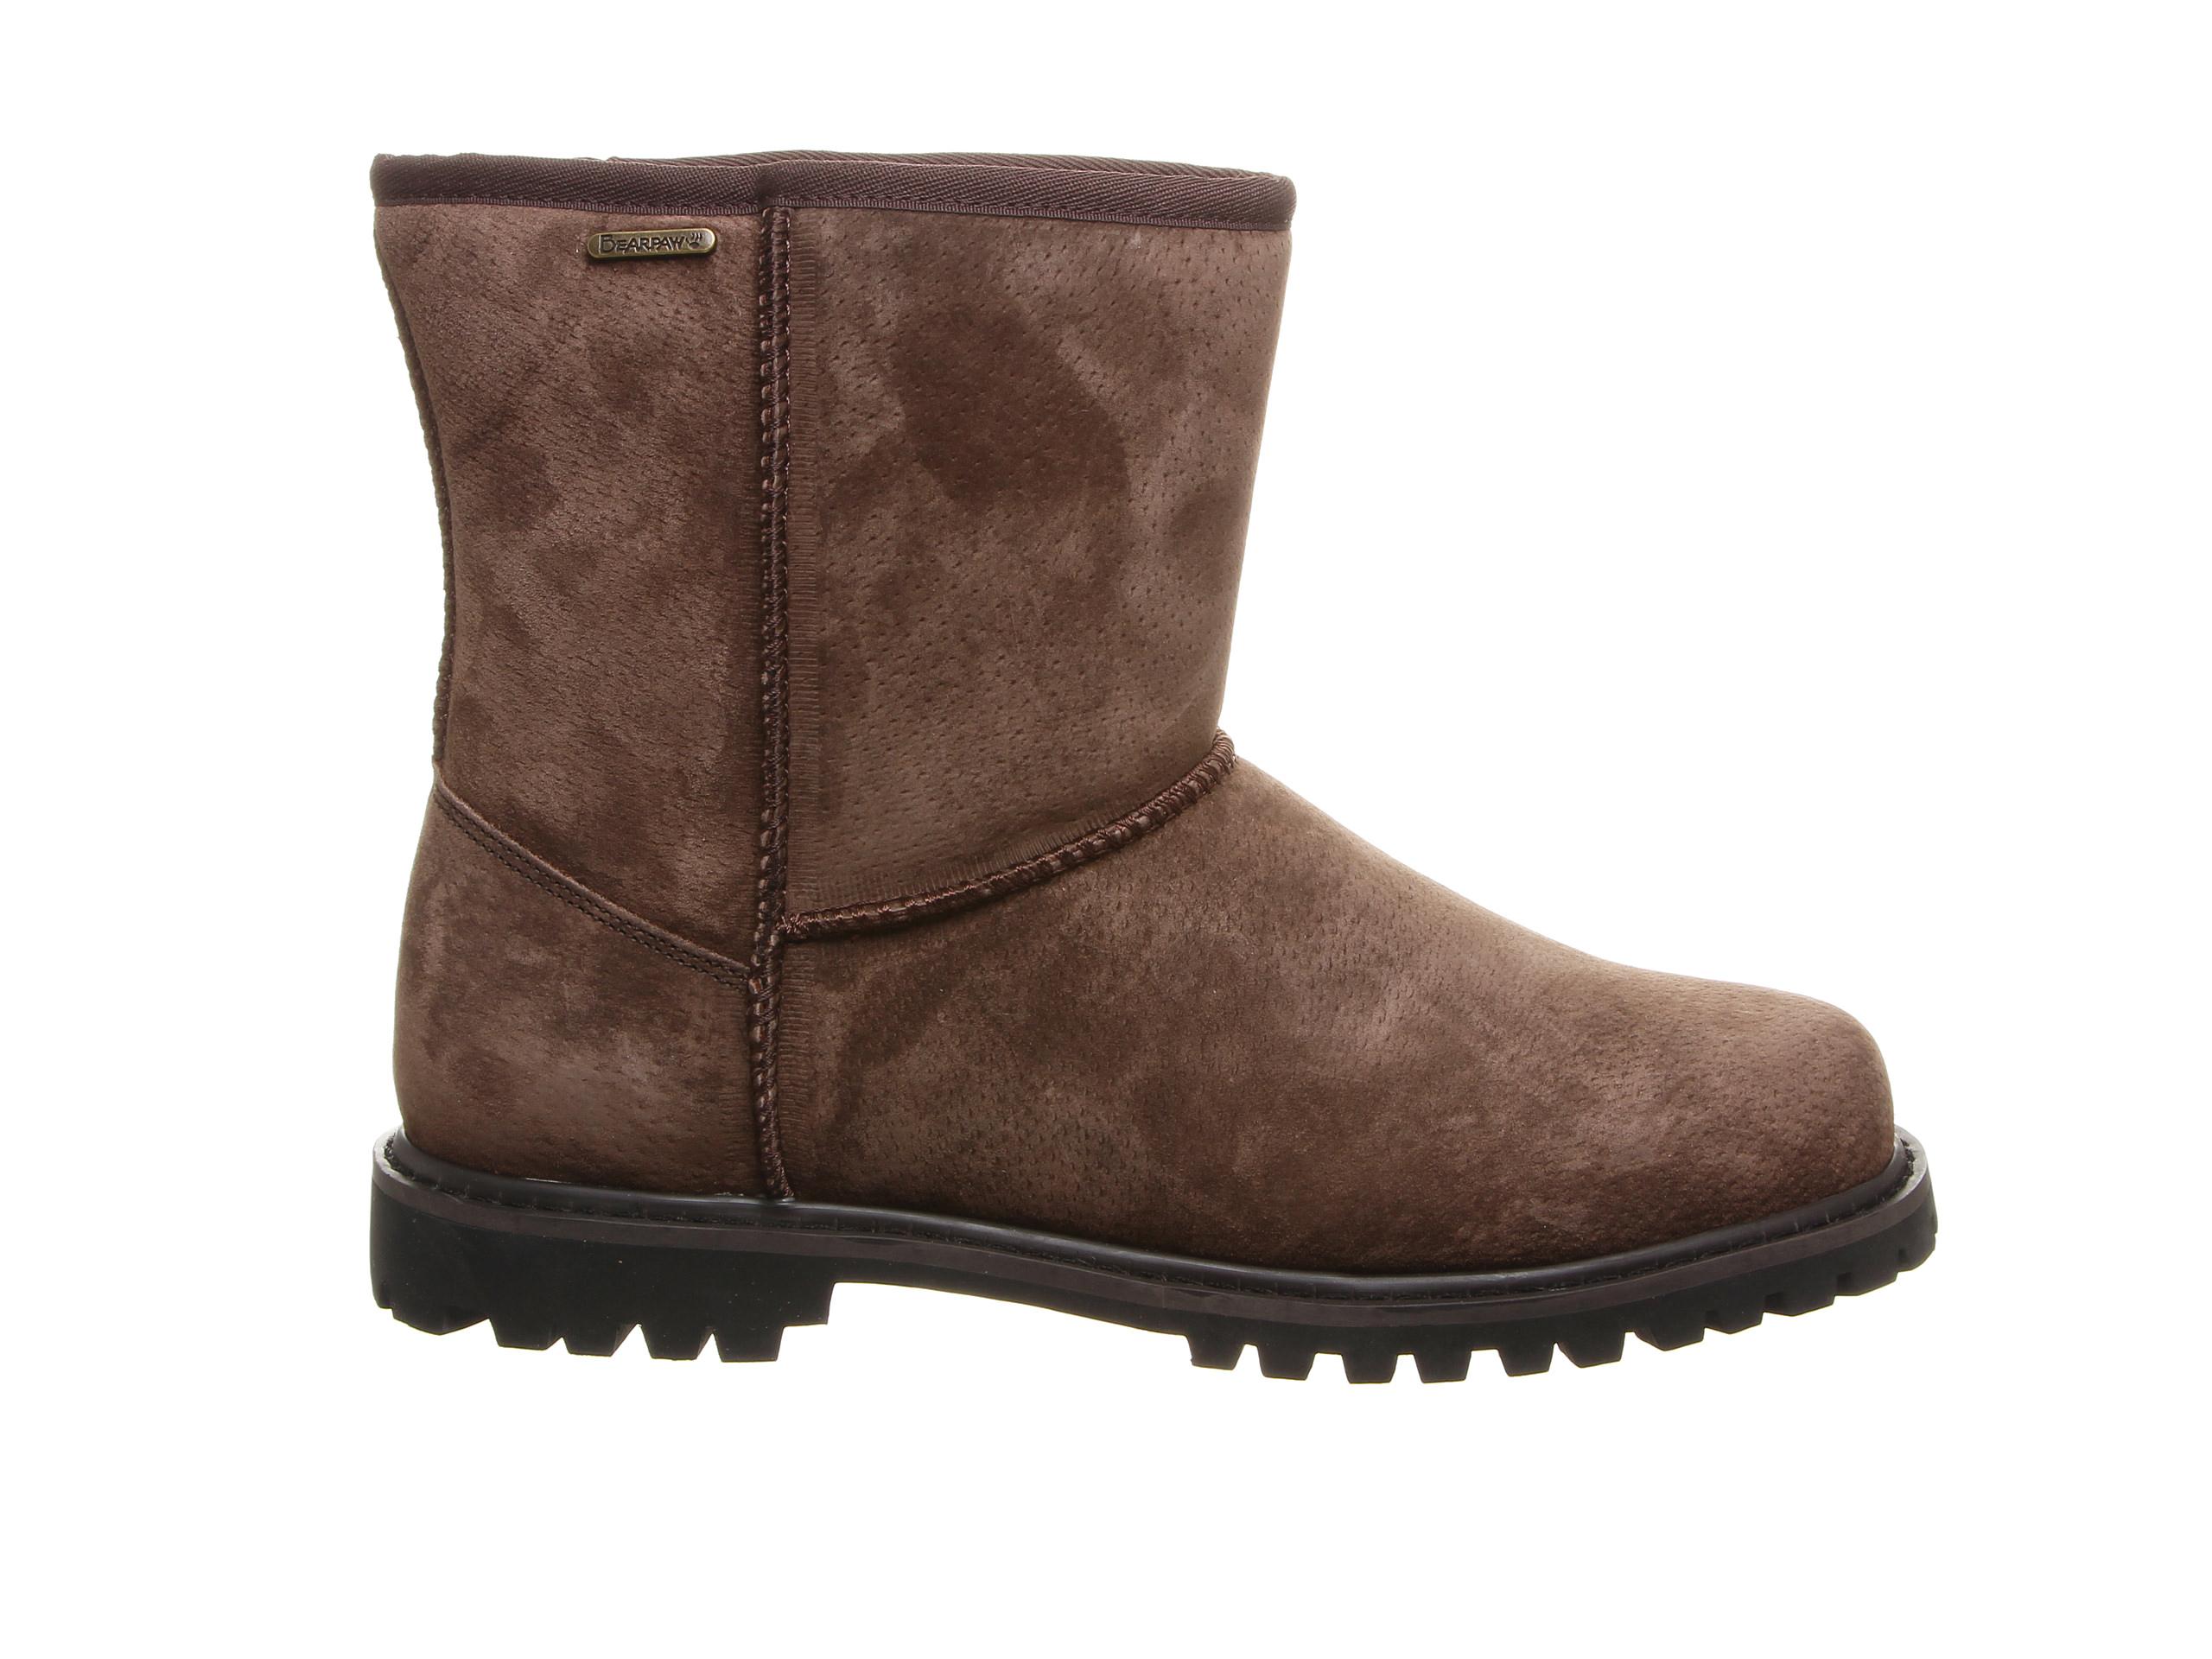 Bearpaw Dante Men's Boots (Brown Suede)